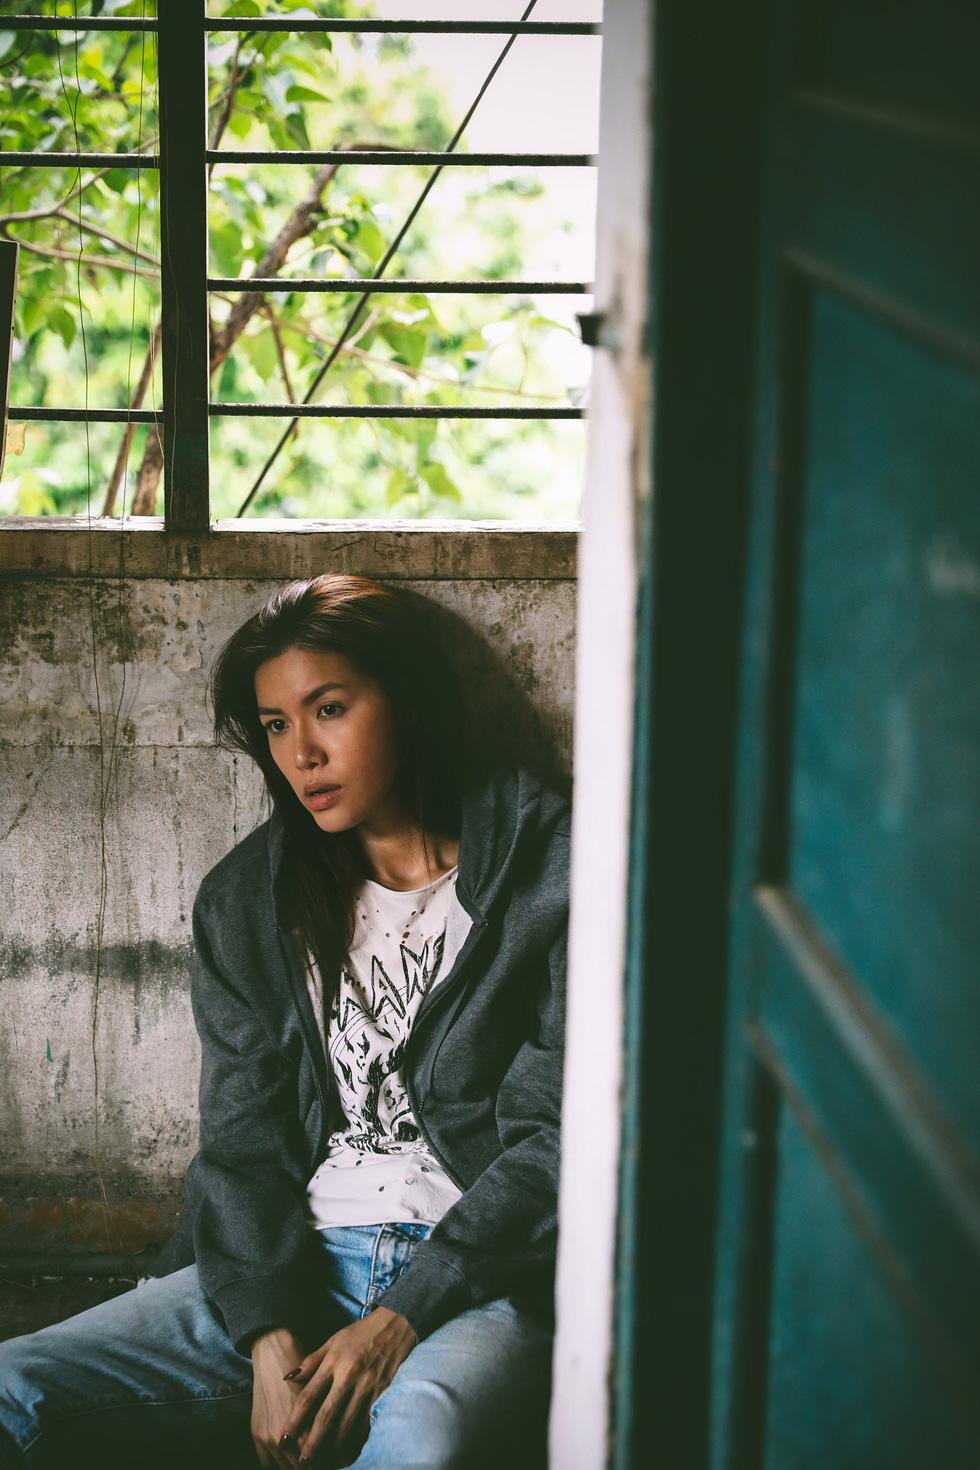 Lương Mạnh Hải kể chuyện chưa từng có trong hậu trường màn ảnh Việt - Ảnh 5.